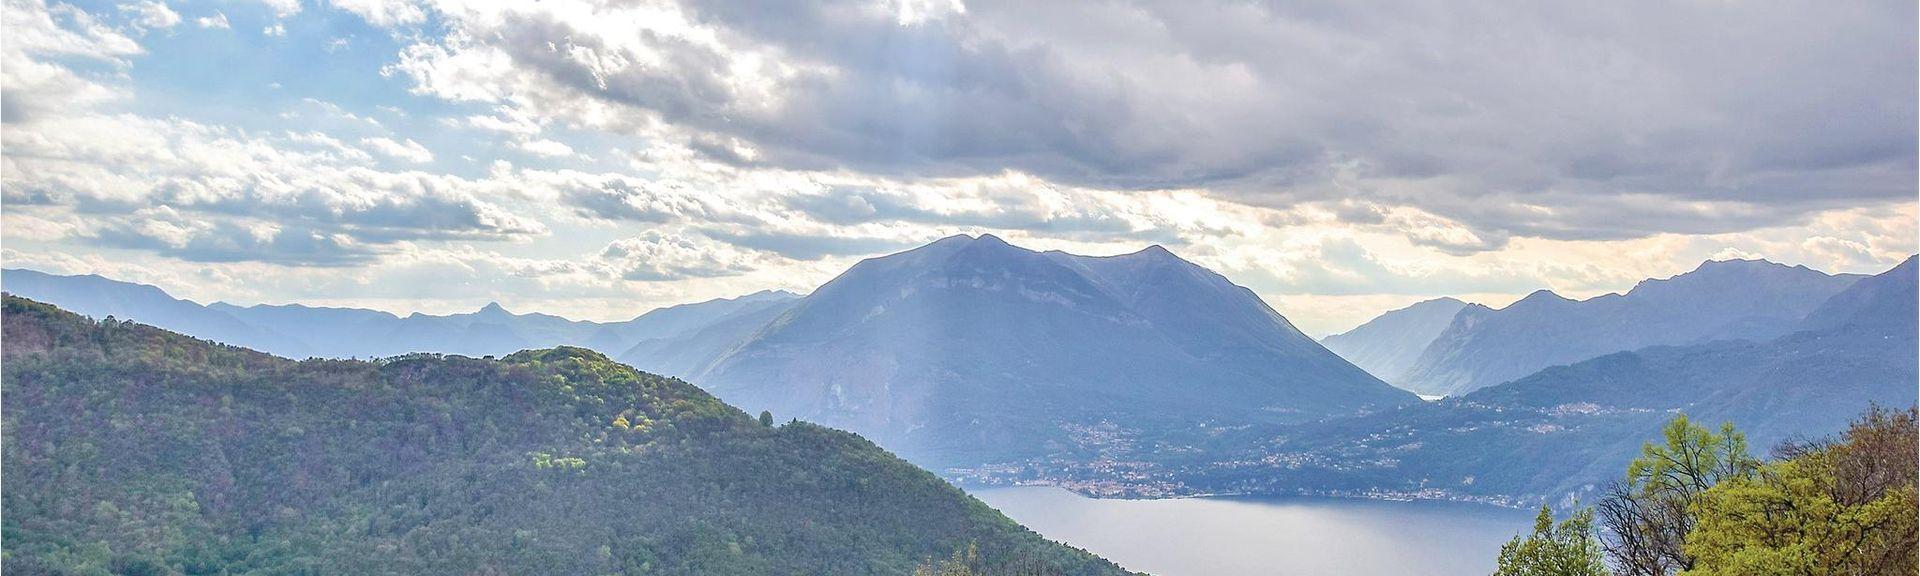 Trezzone, Lombardie, Italie